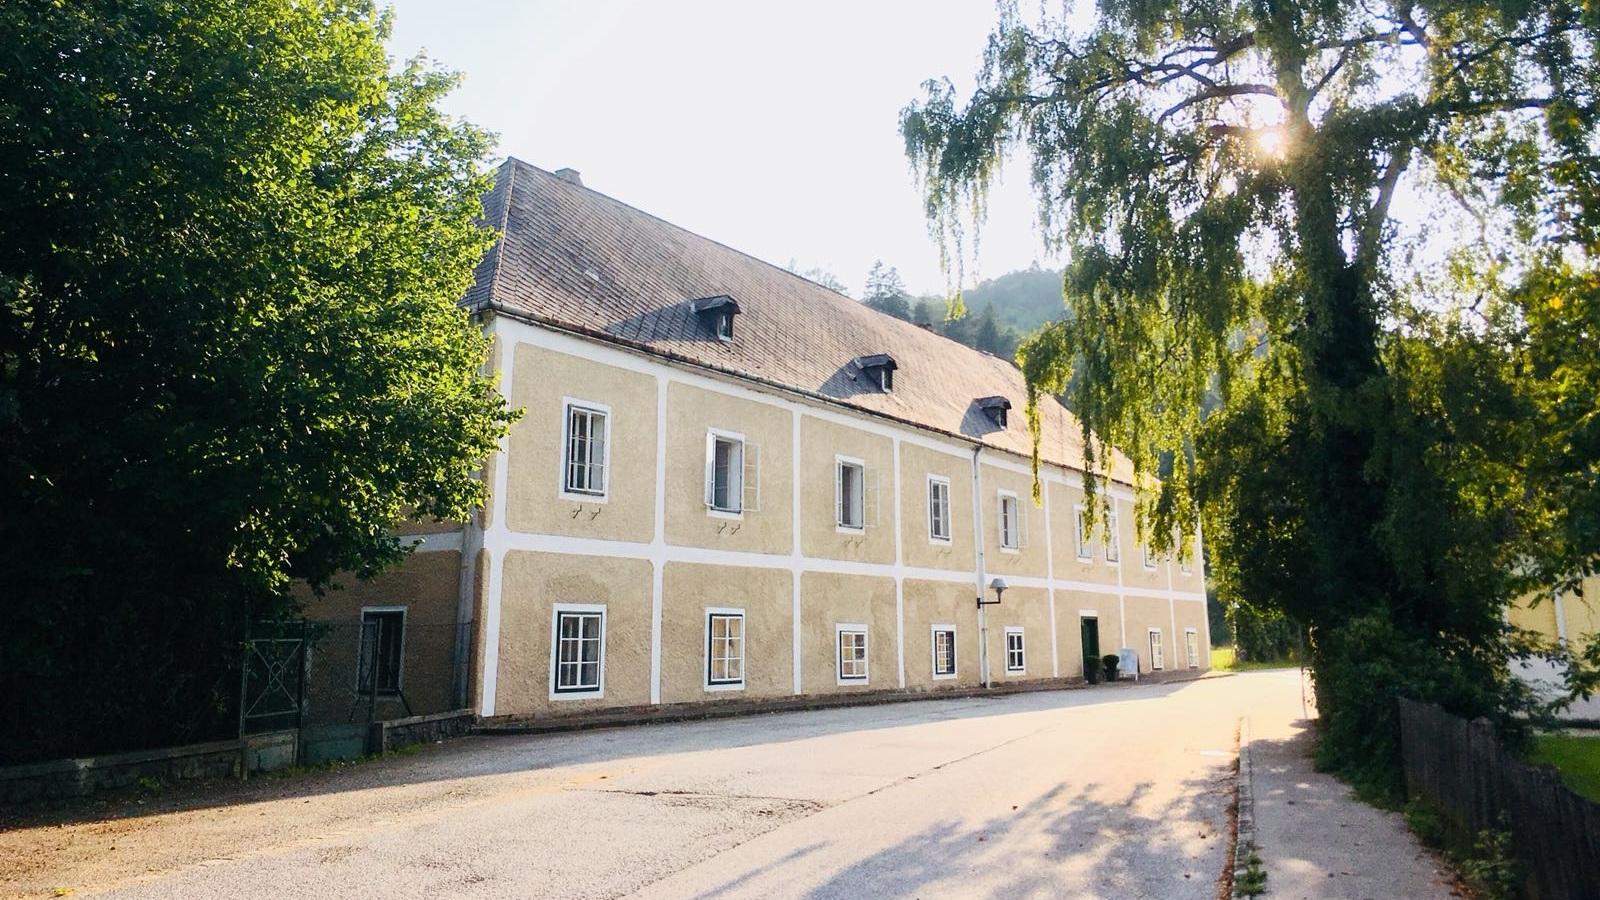 The Meierhof Gutenstein